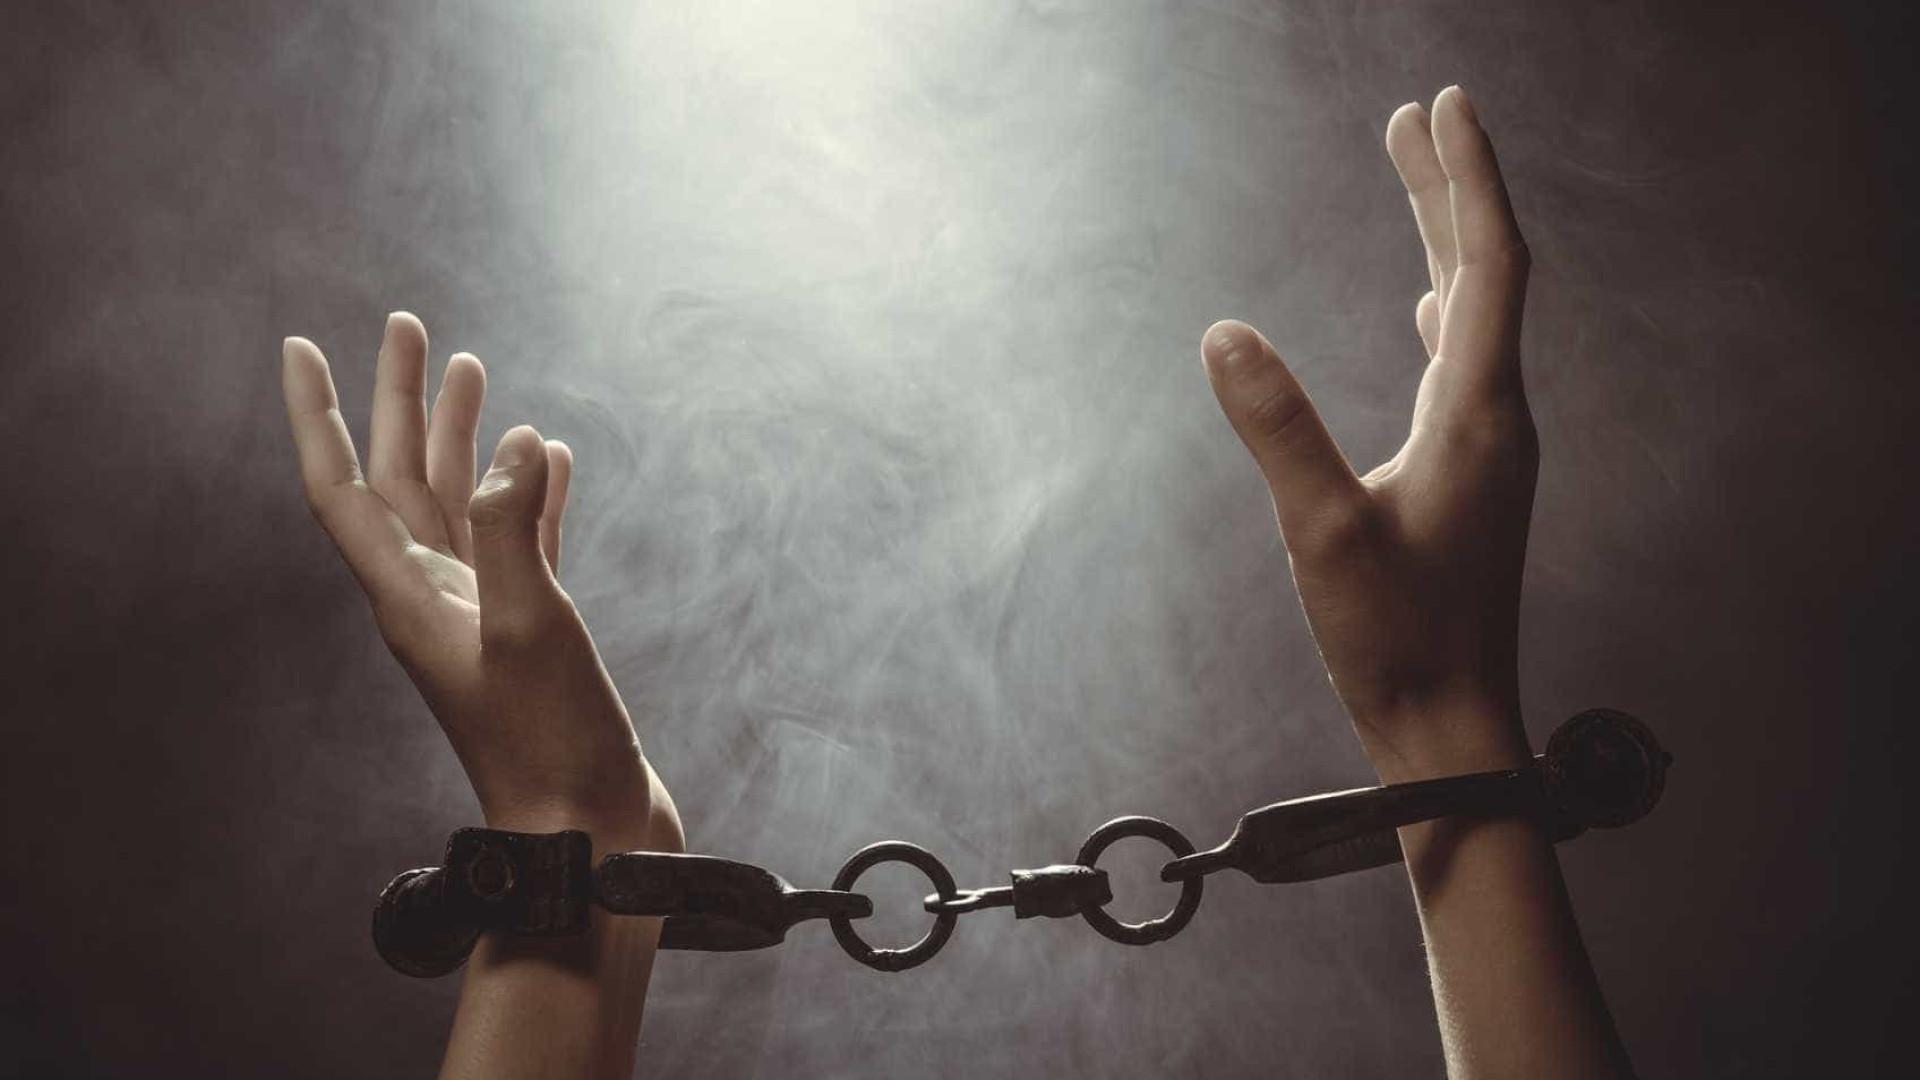 Detida no Montijo suspeita de furto qualificado, burla e falsificação